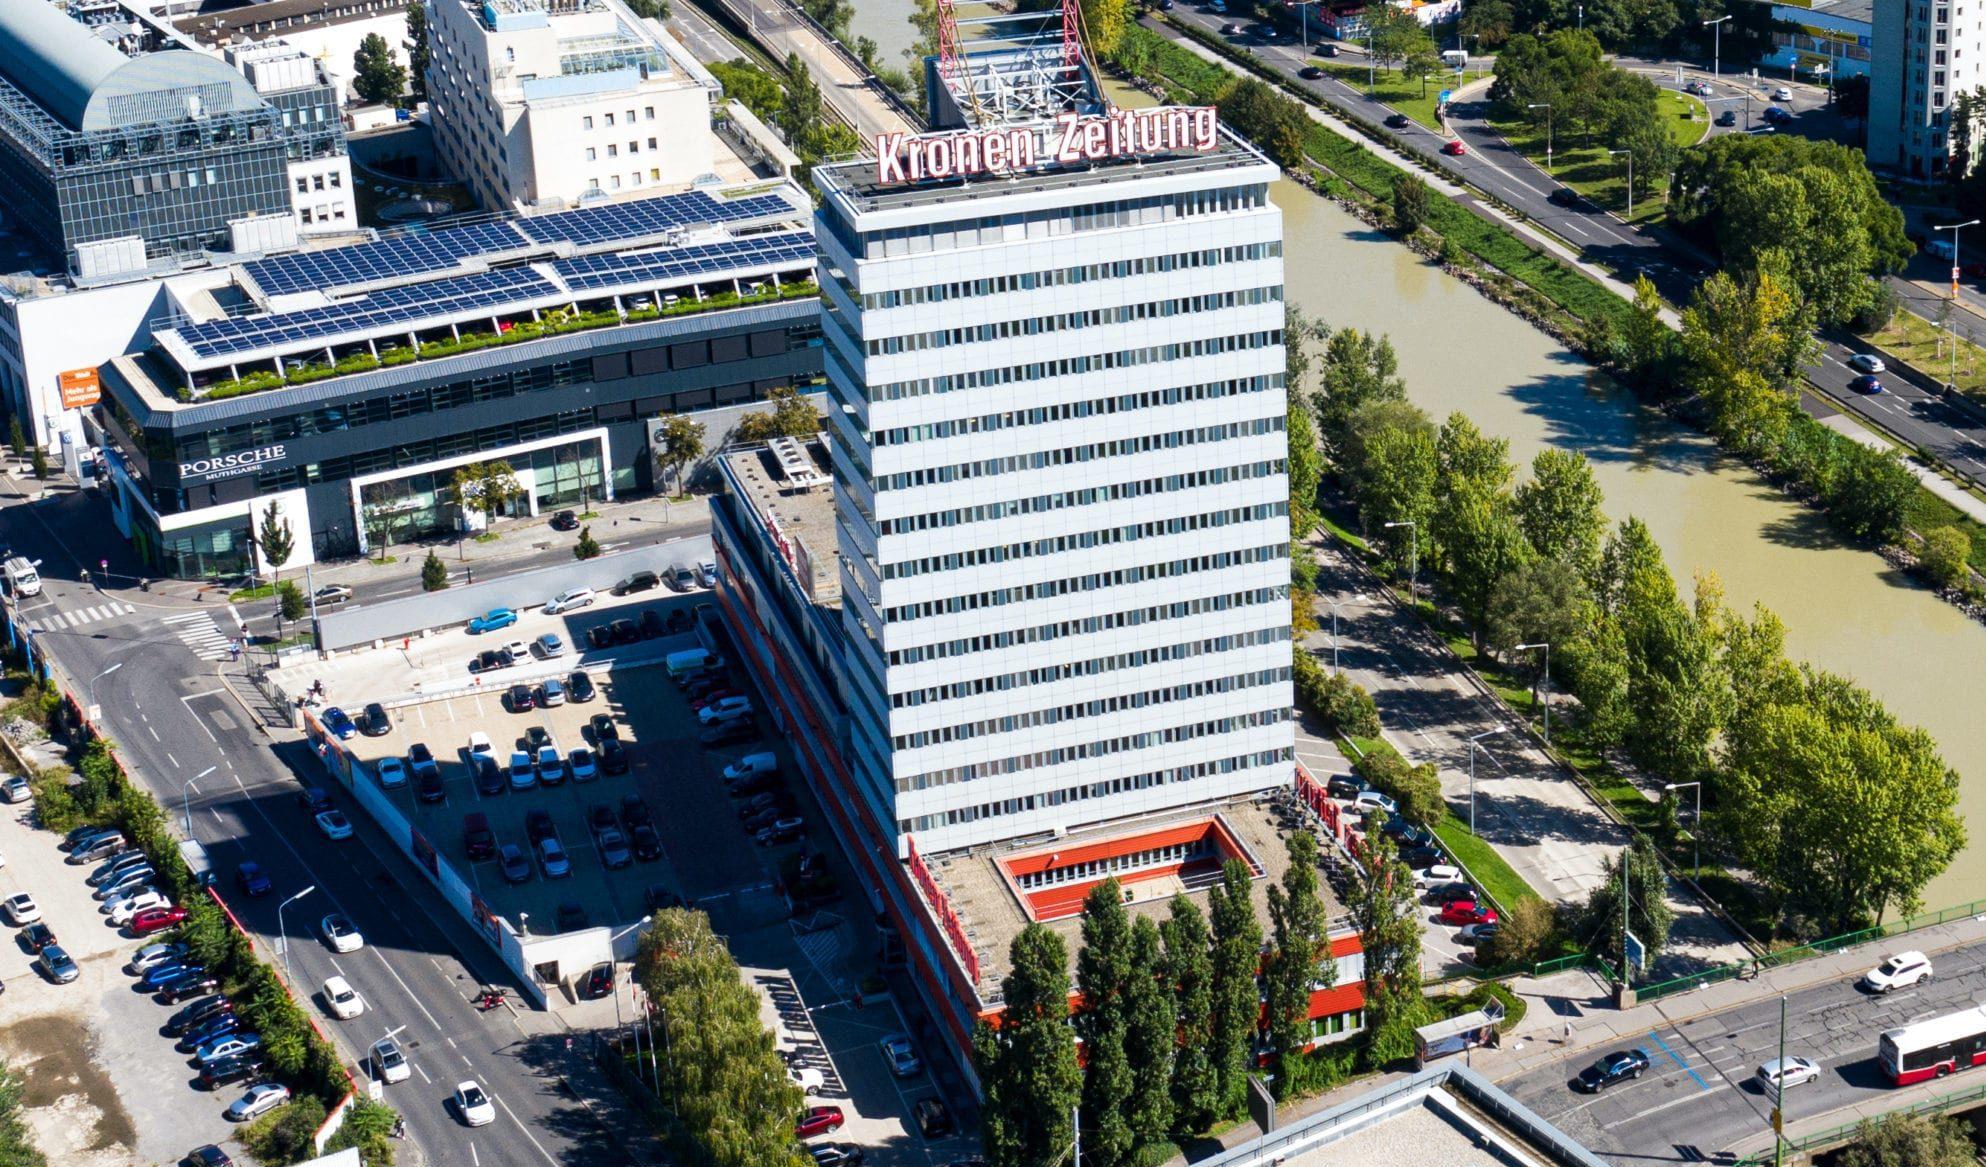 Kronen Zeitung Gebäude